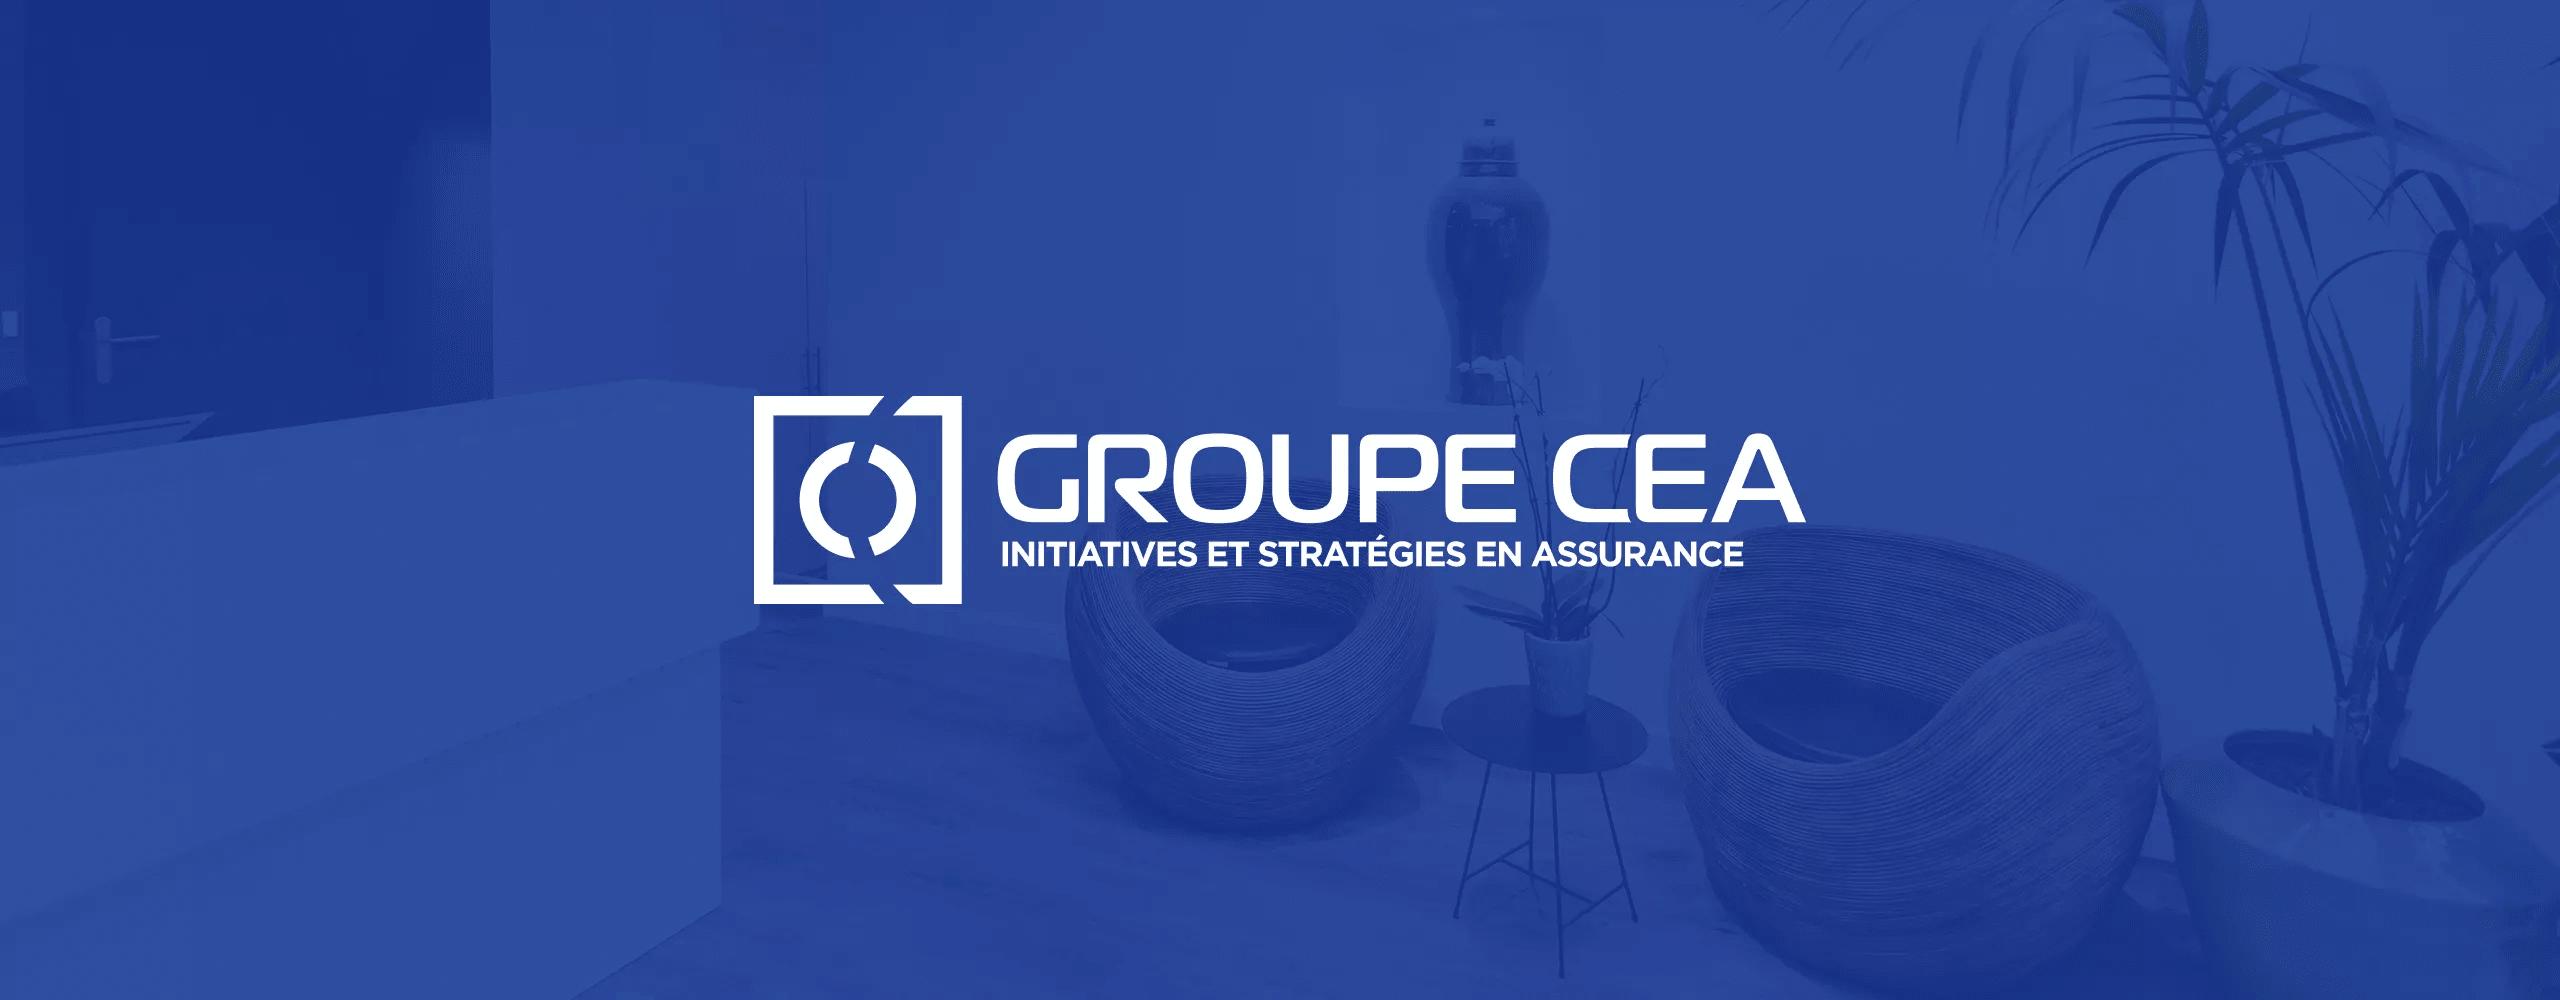 Image bannière groupe CEA ACCUEILLE BUREAUX GROUPE CEA PARIS